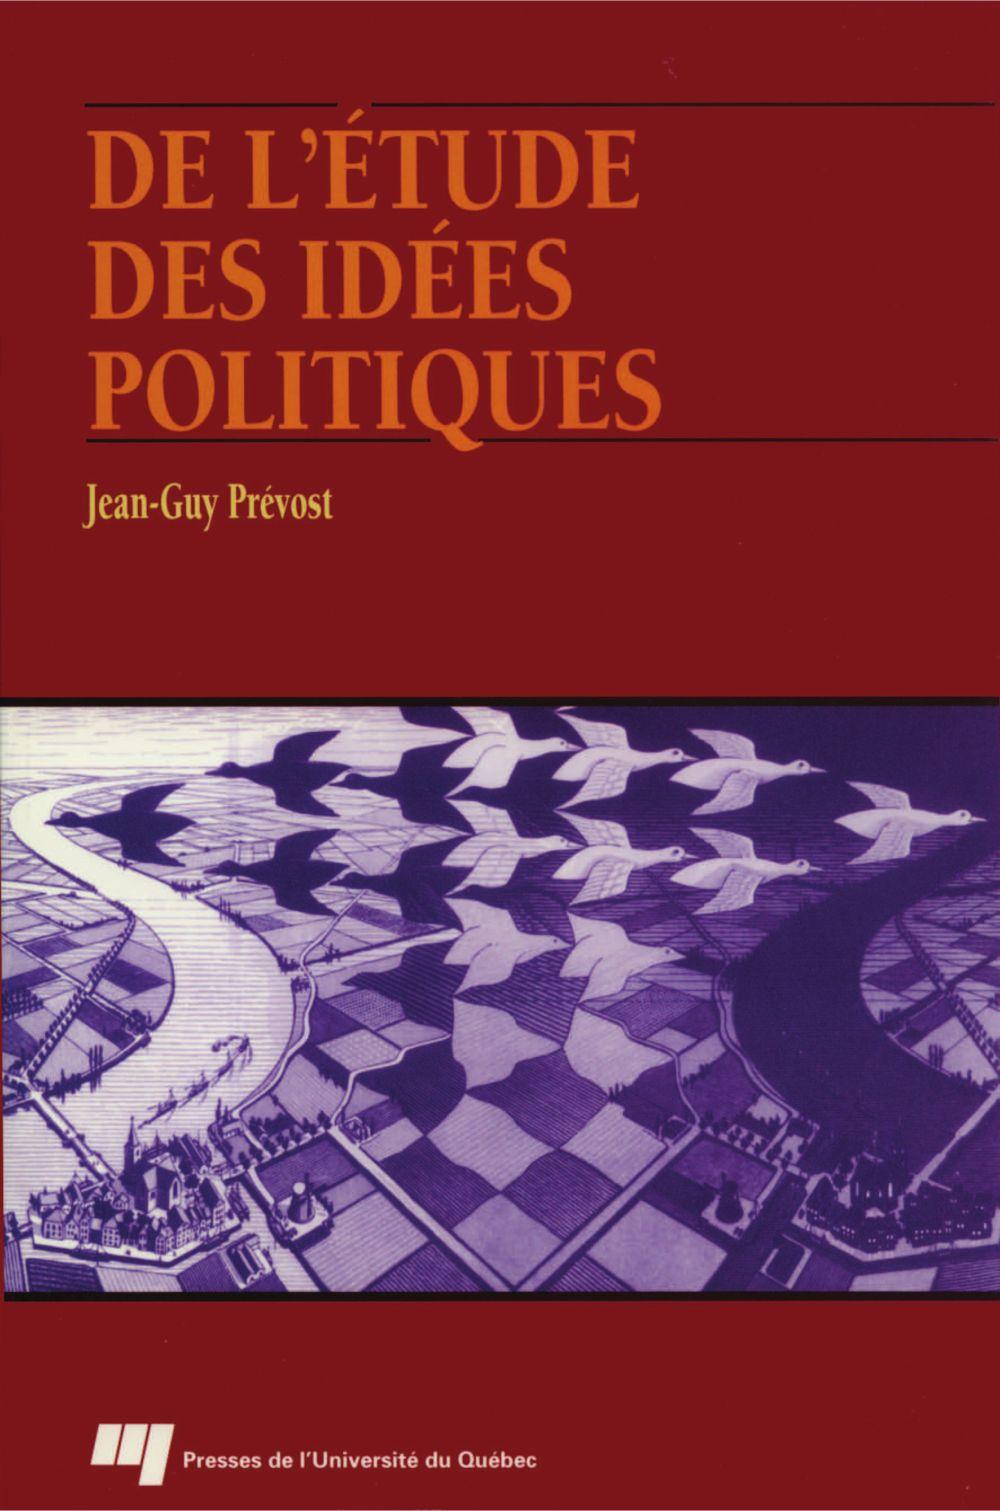 De l'étude des idées politiques